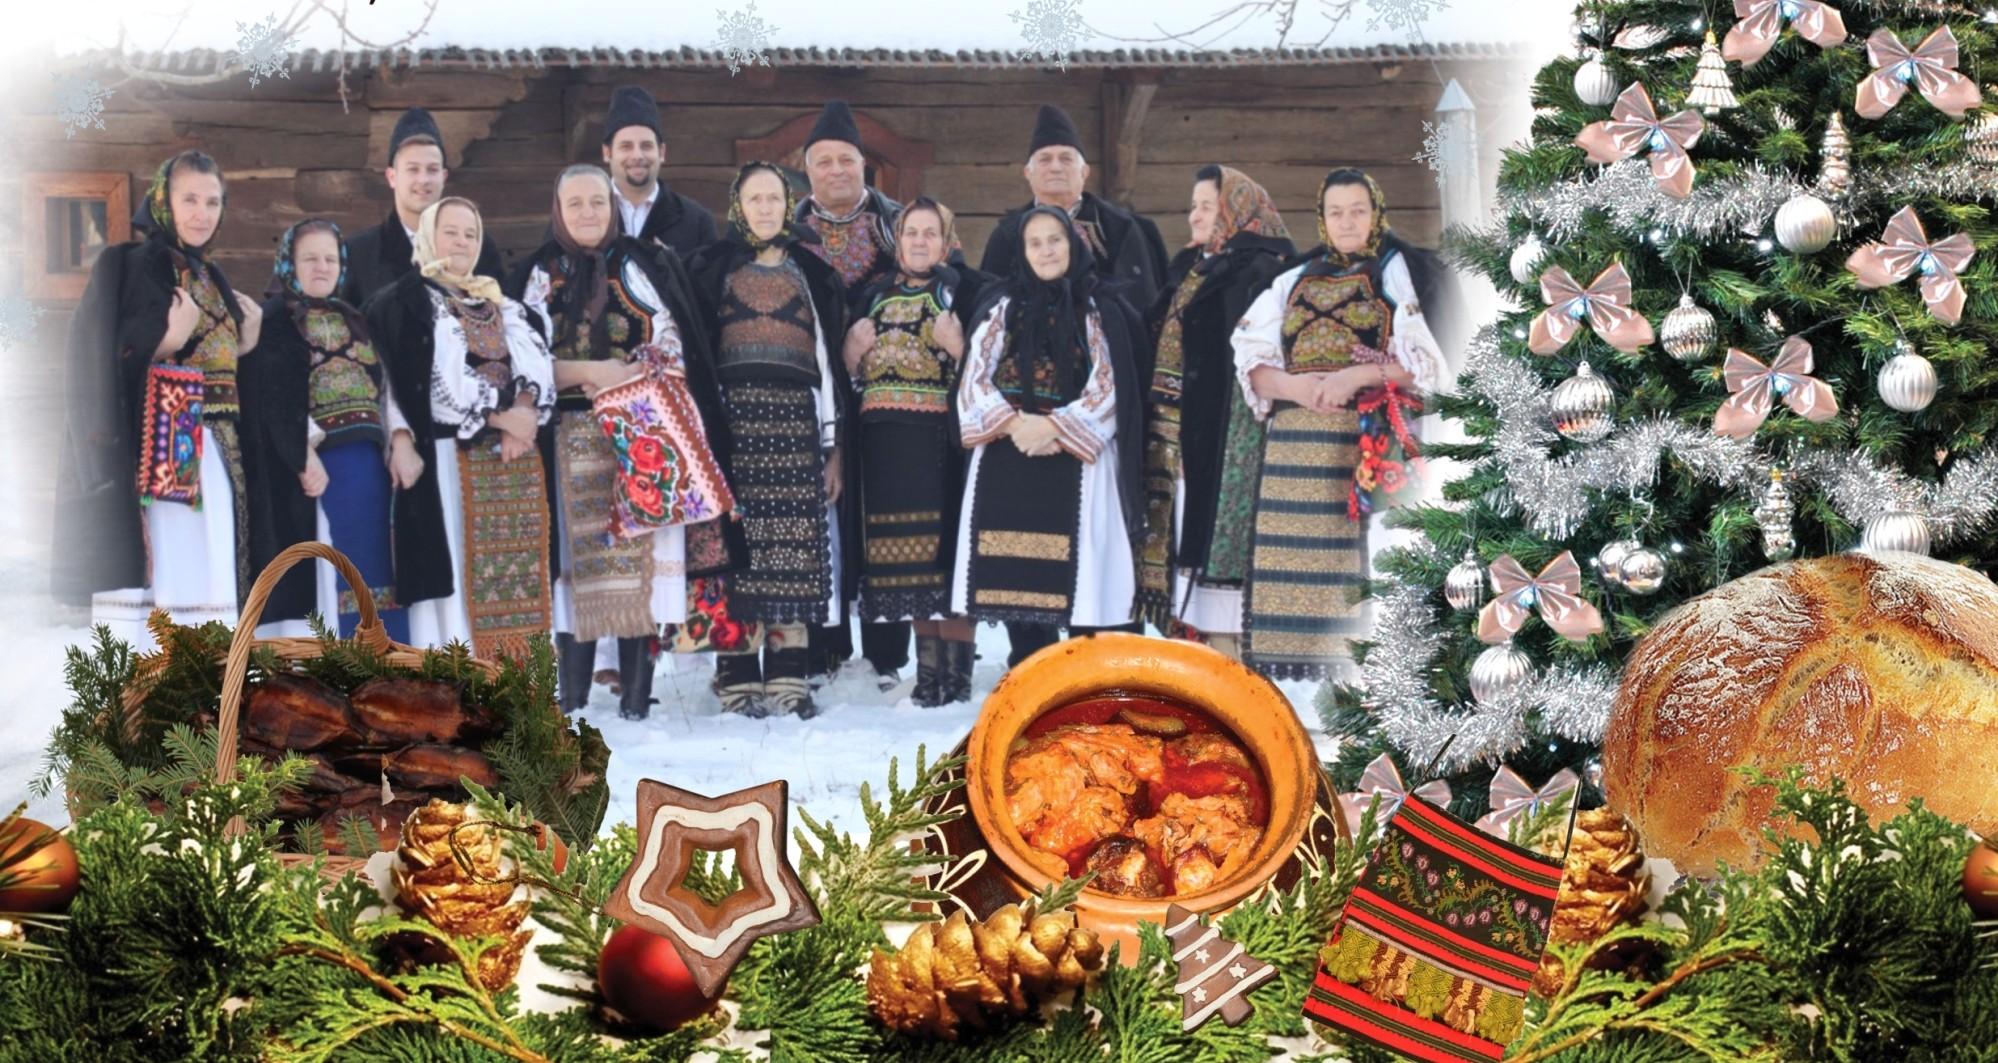 Crăciun în Bistrița-Năsăud! Argument pentru Crăciun